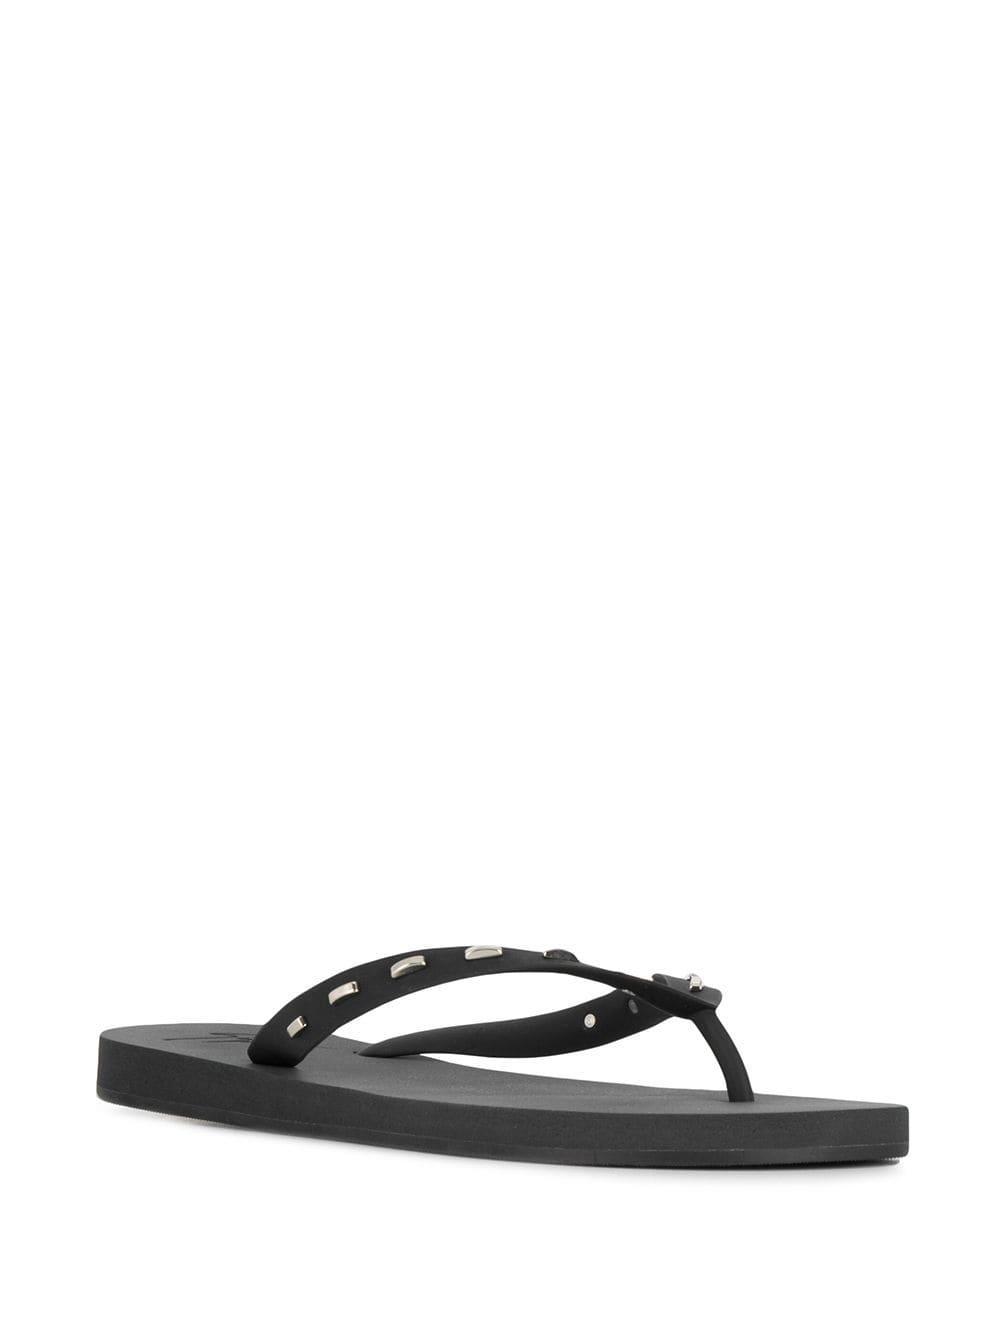 a511efce4 Giuseppe Zanotti Rectangle Studded Flip Flops in Black for Men - Lyst